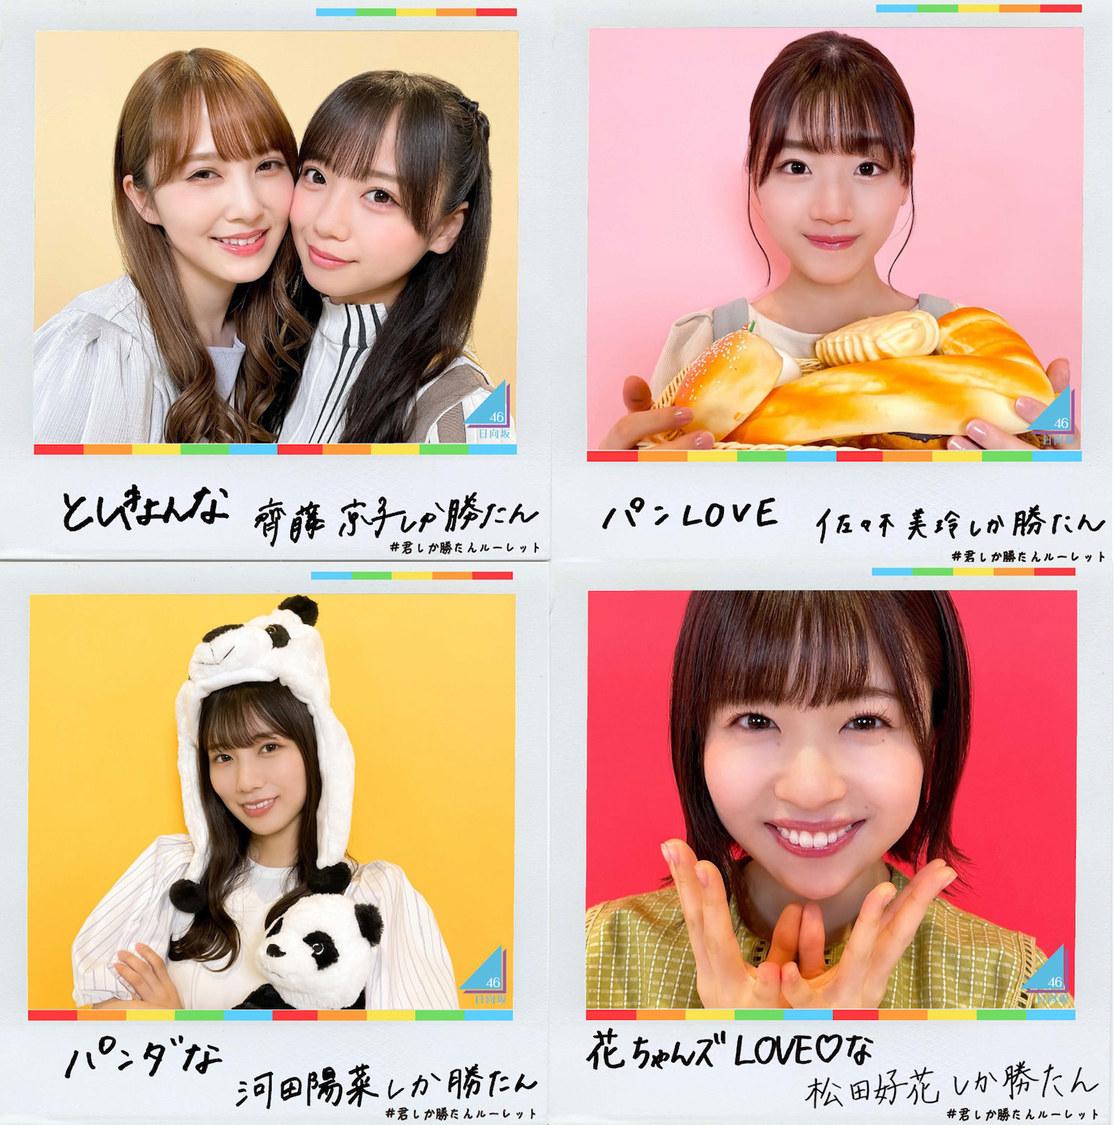 日向坂46、5th SGリリース記念「君しか勝たんルーレット」公開!